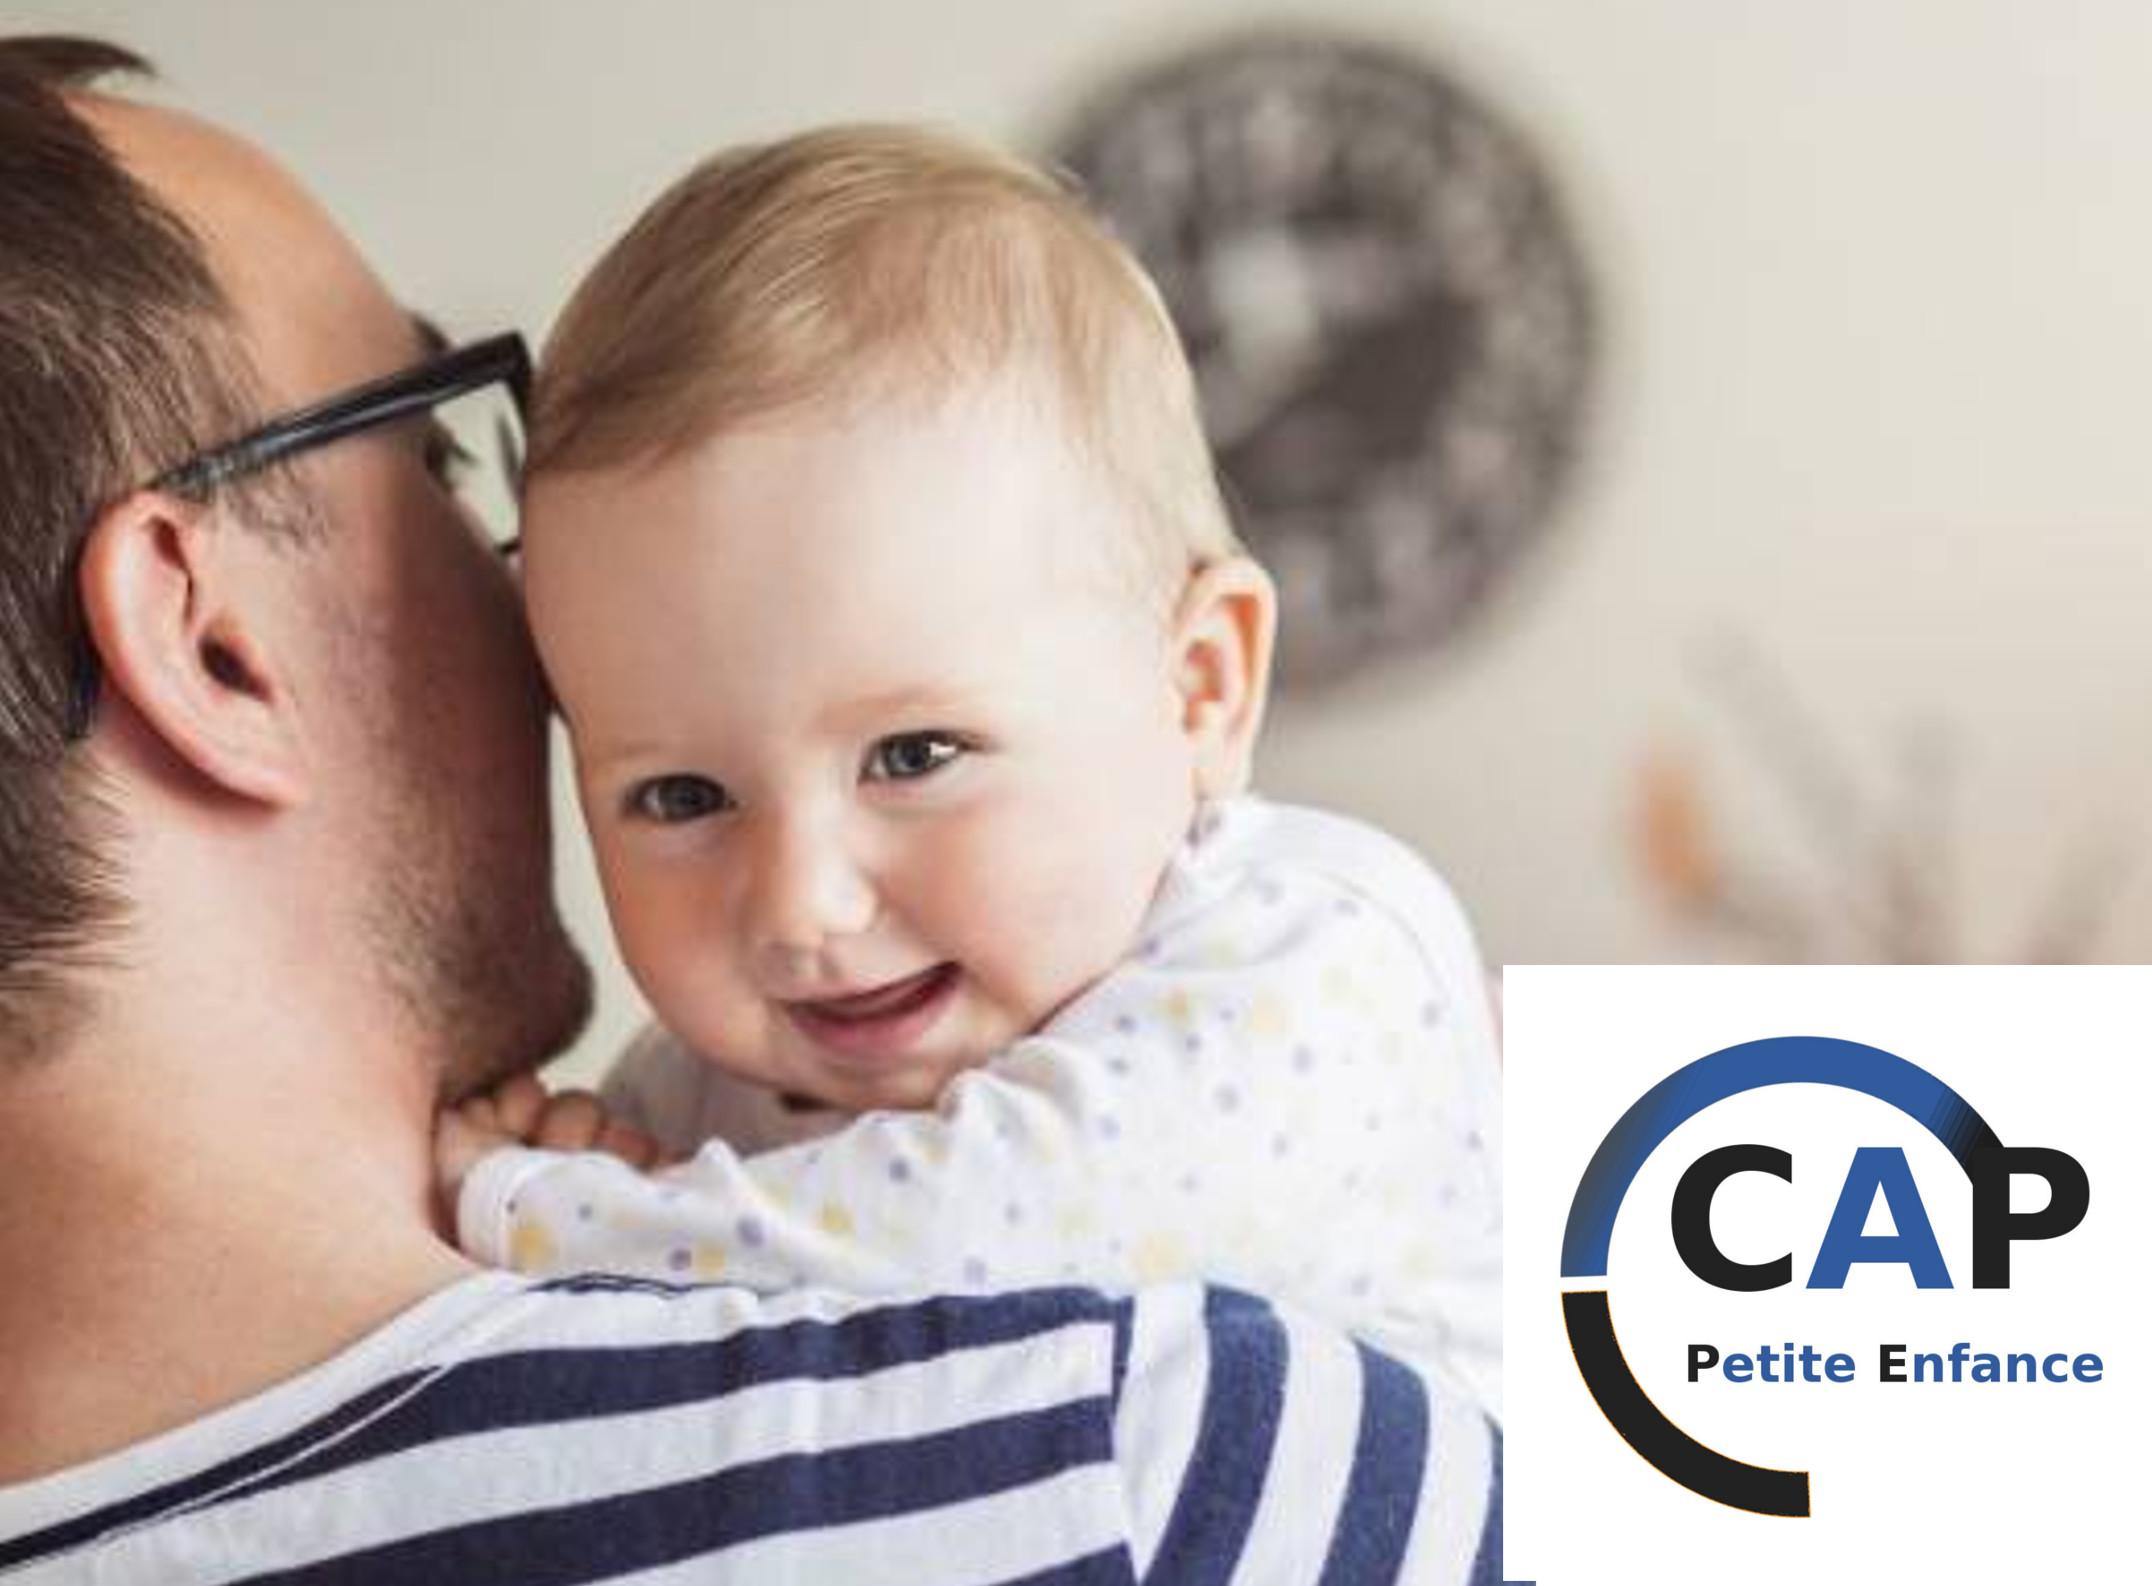 5. CAP Petite Enfance : Epreuve français et mathématiques